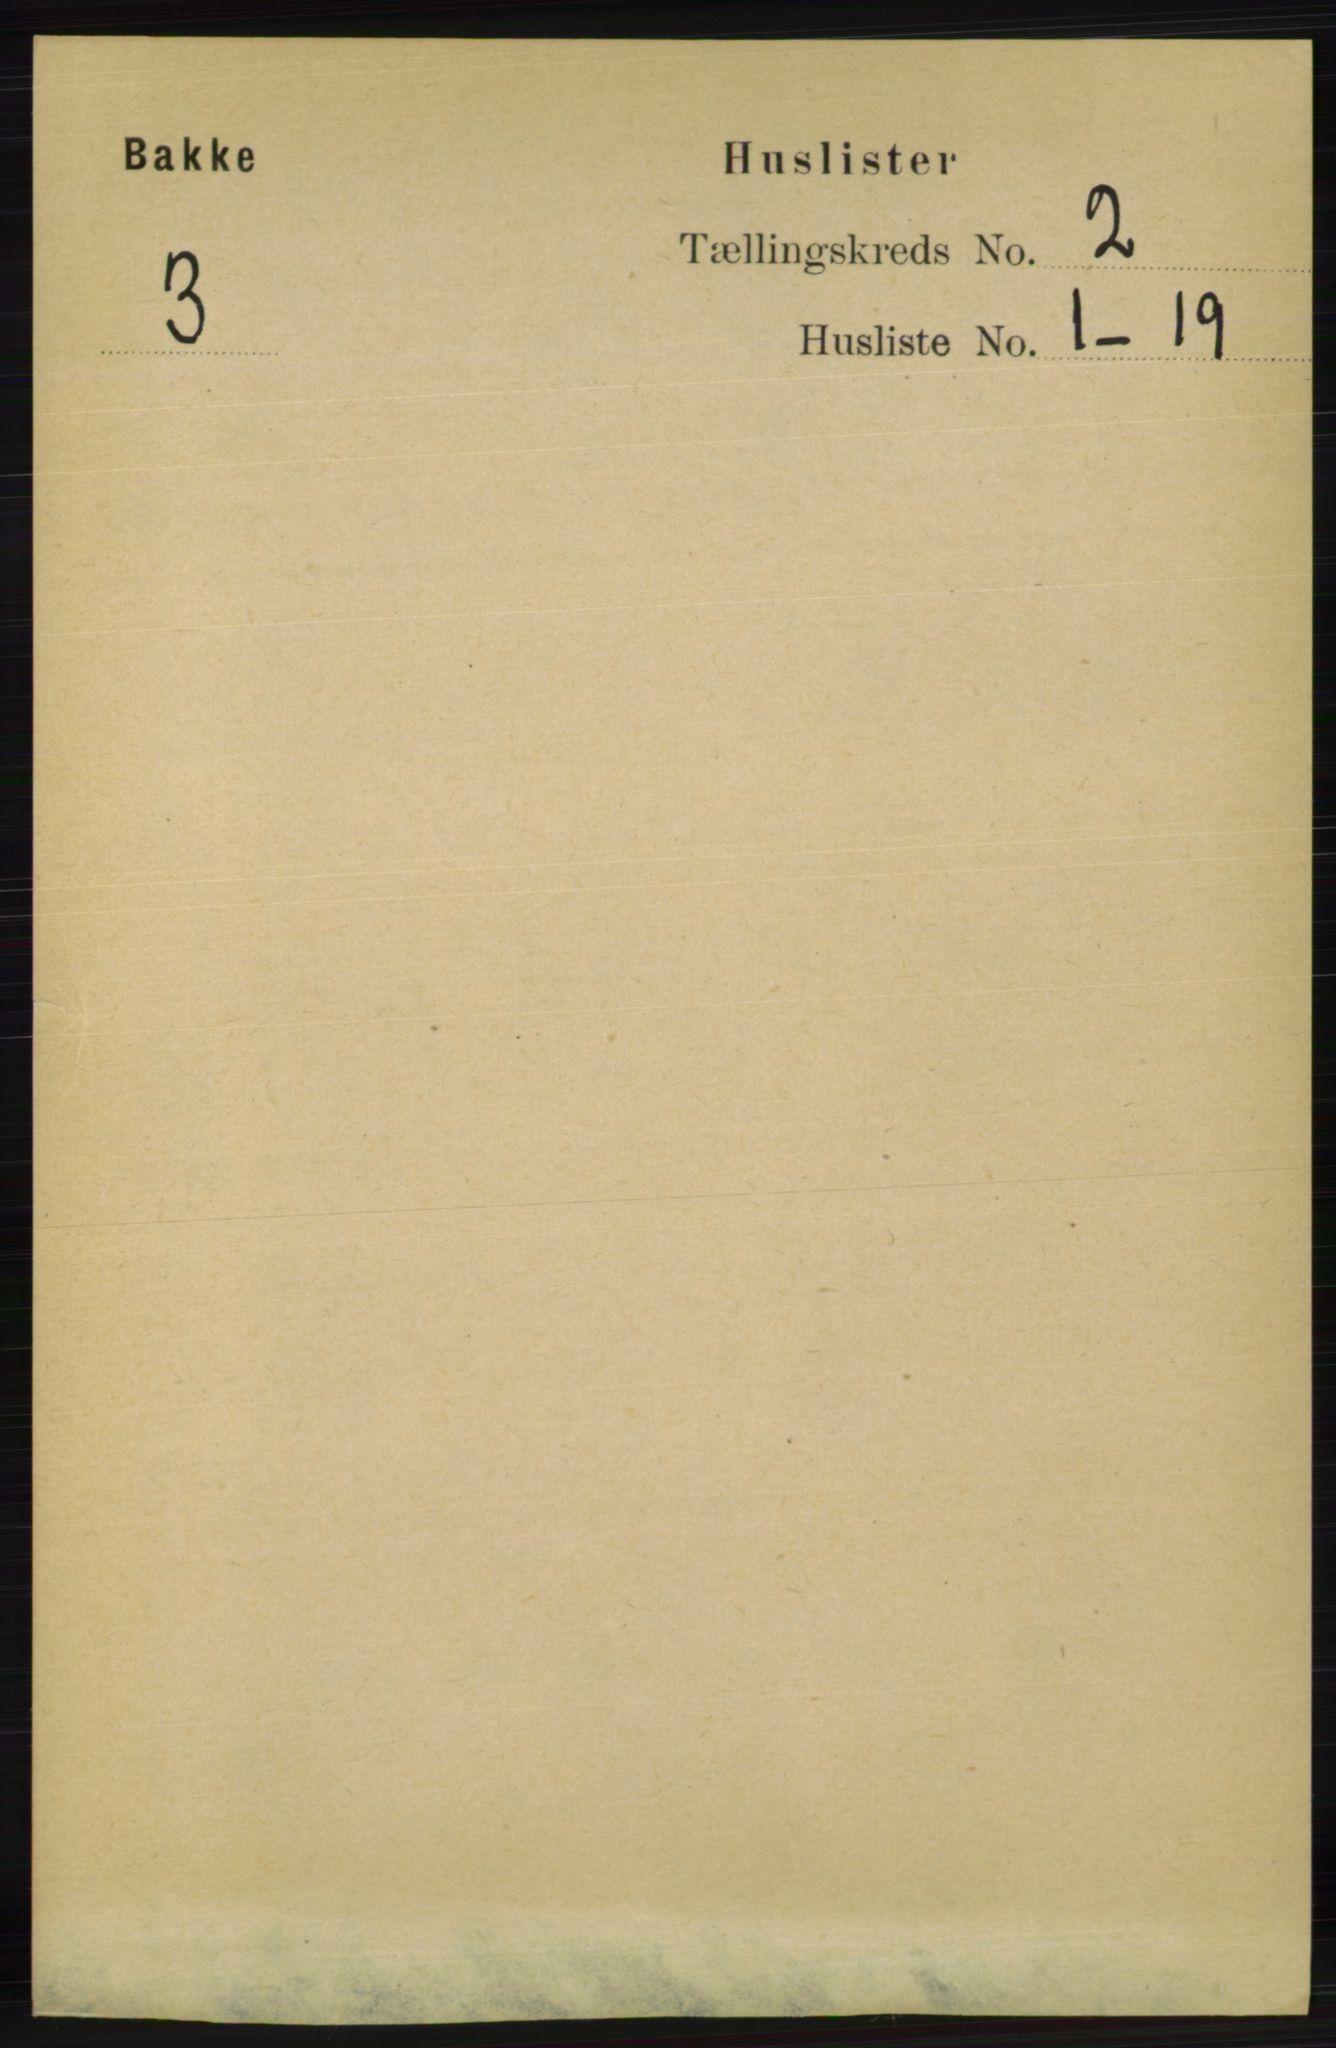 RA, Folketelling 1891 for 1045 Bakke herred, 1891, s. 261